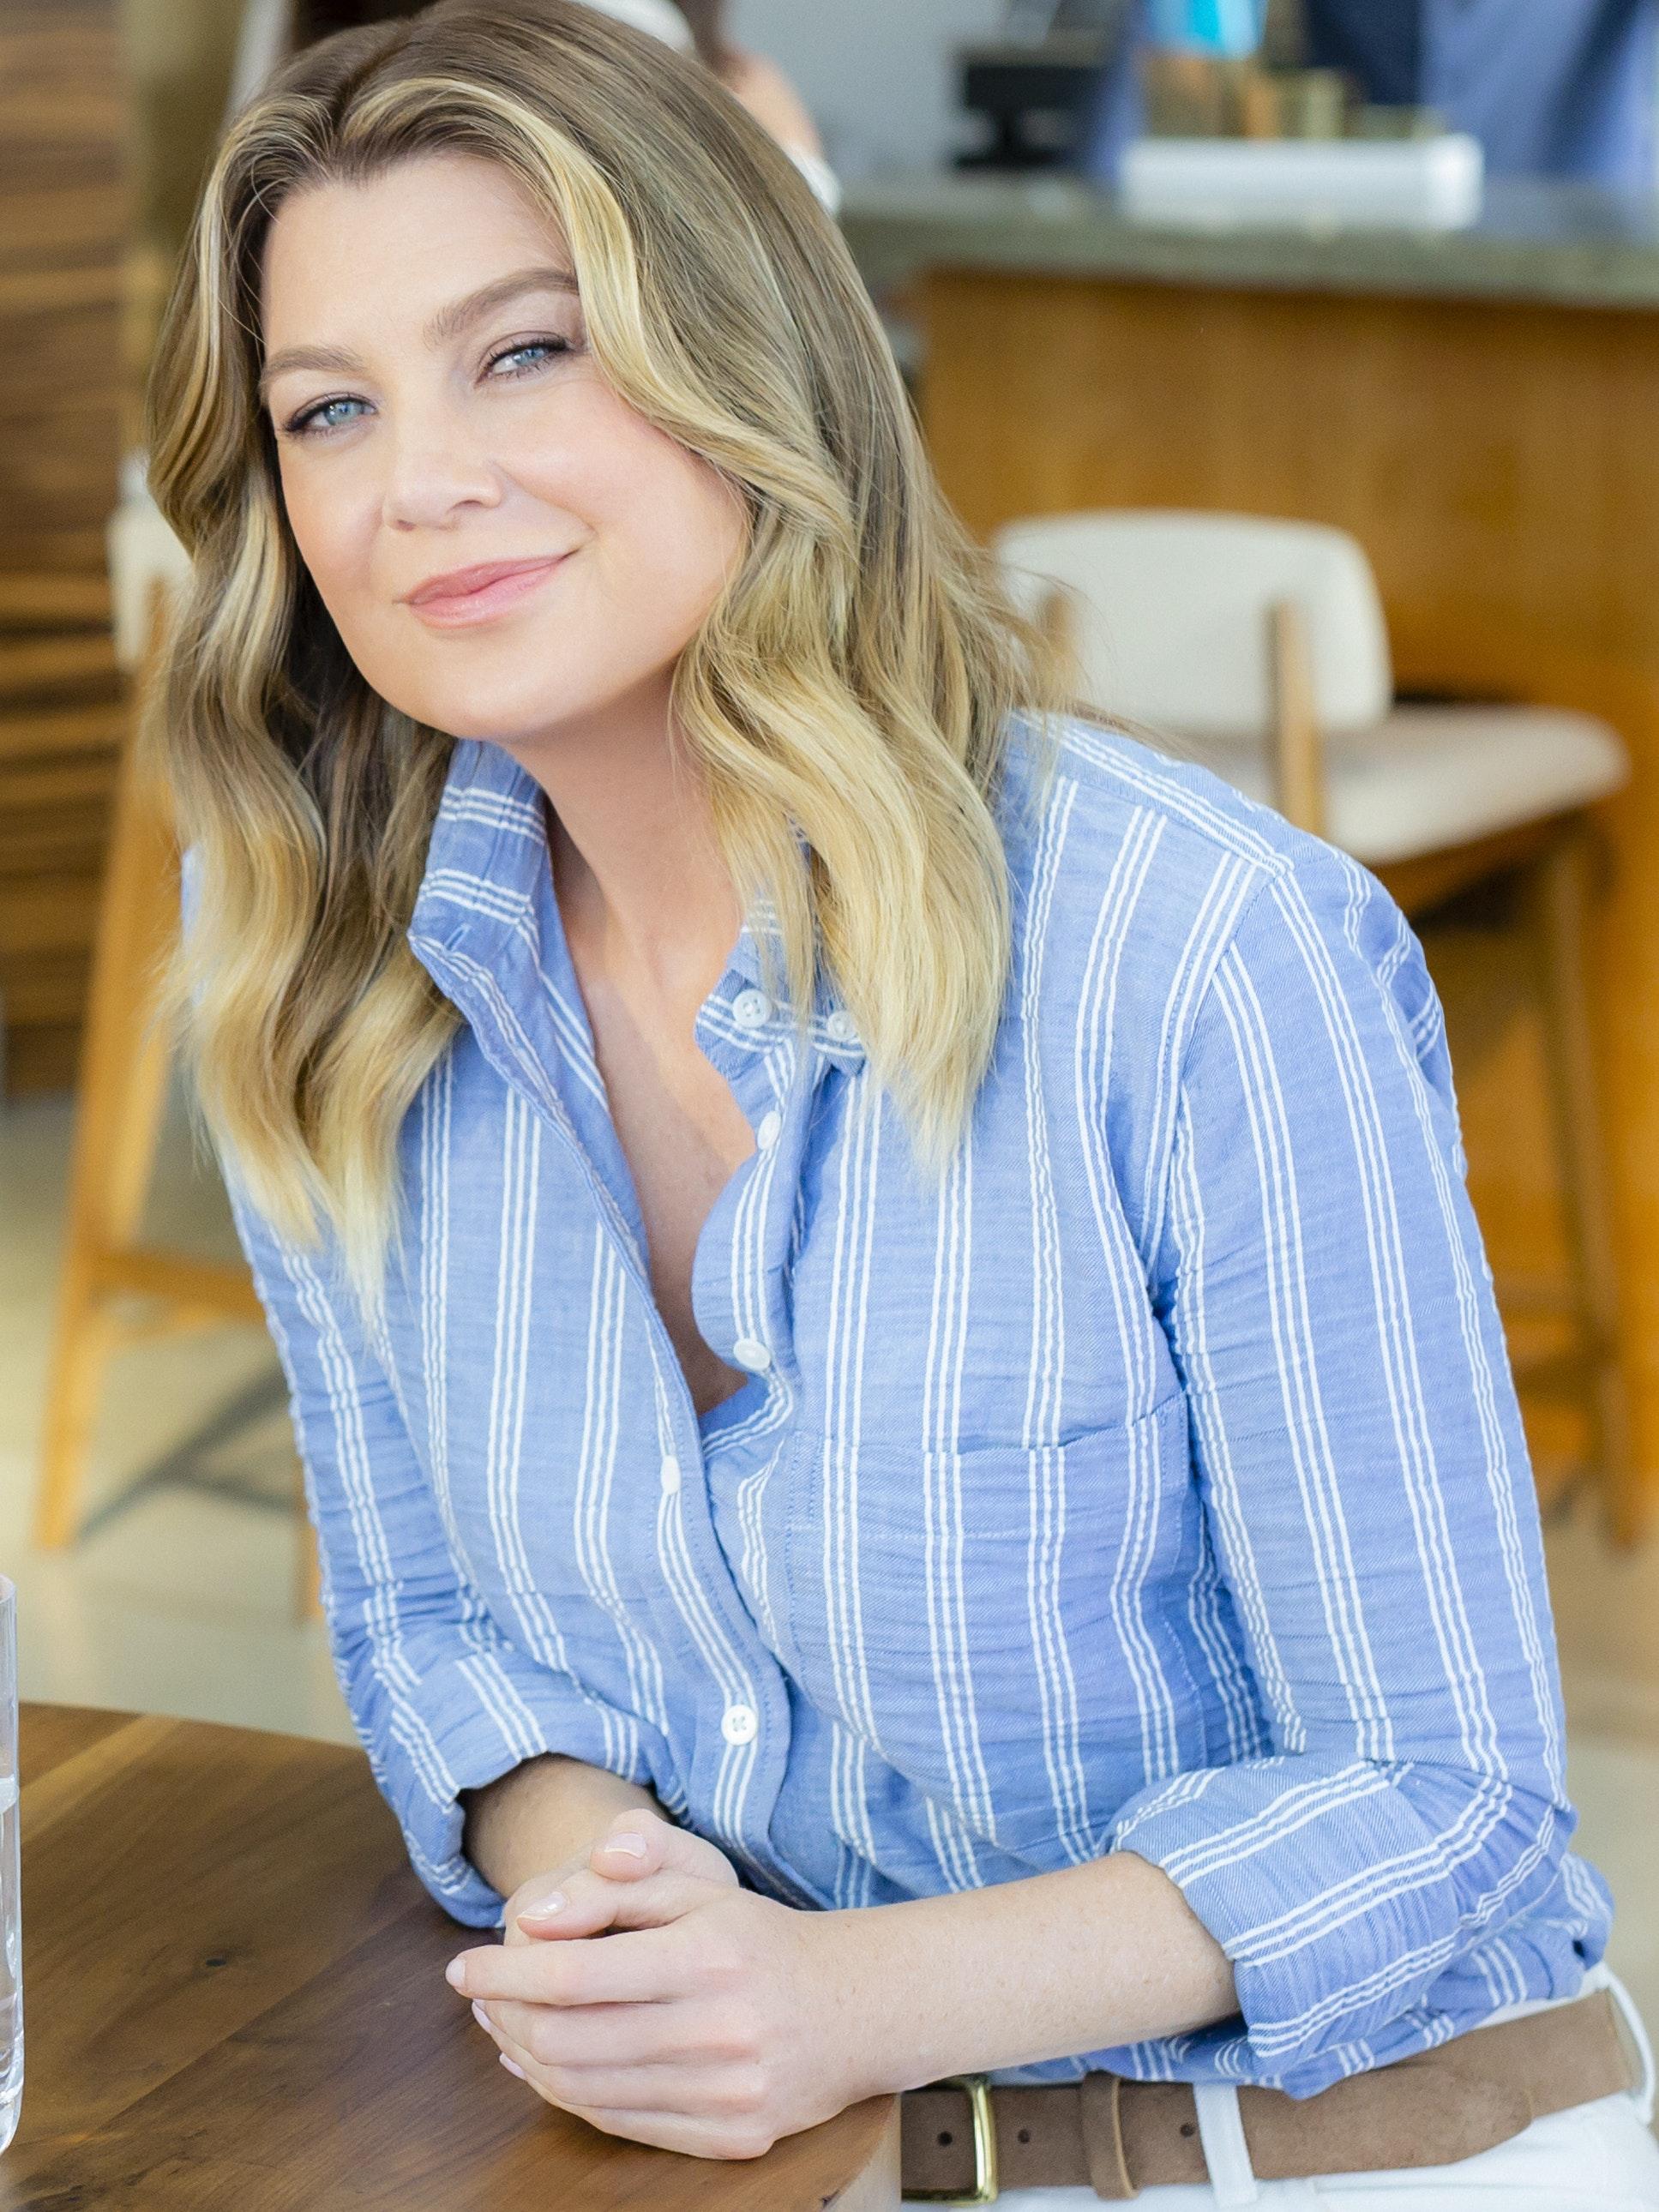 Ellen Pompeo, actress